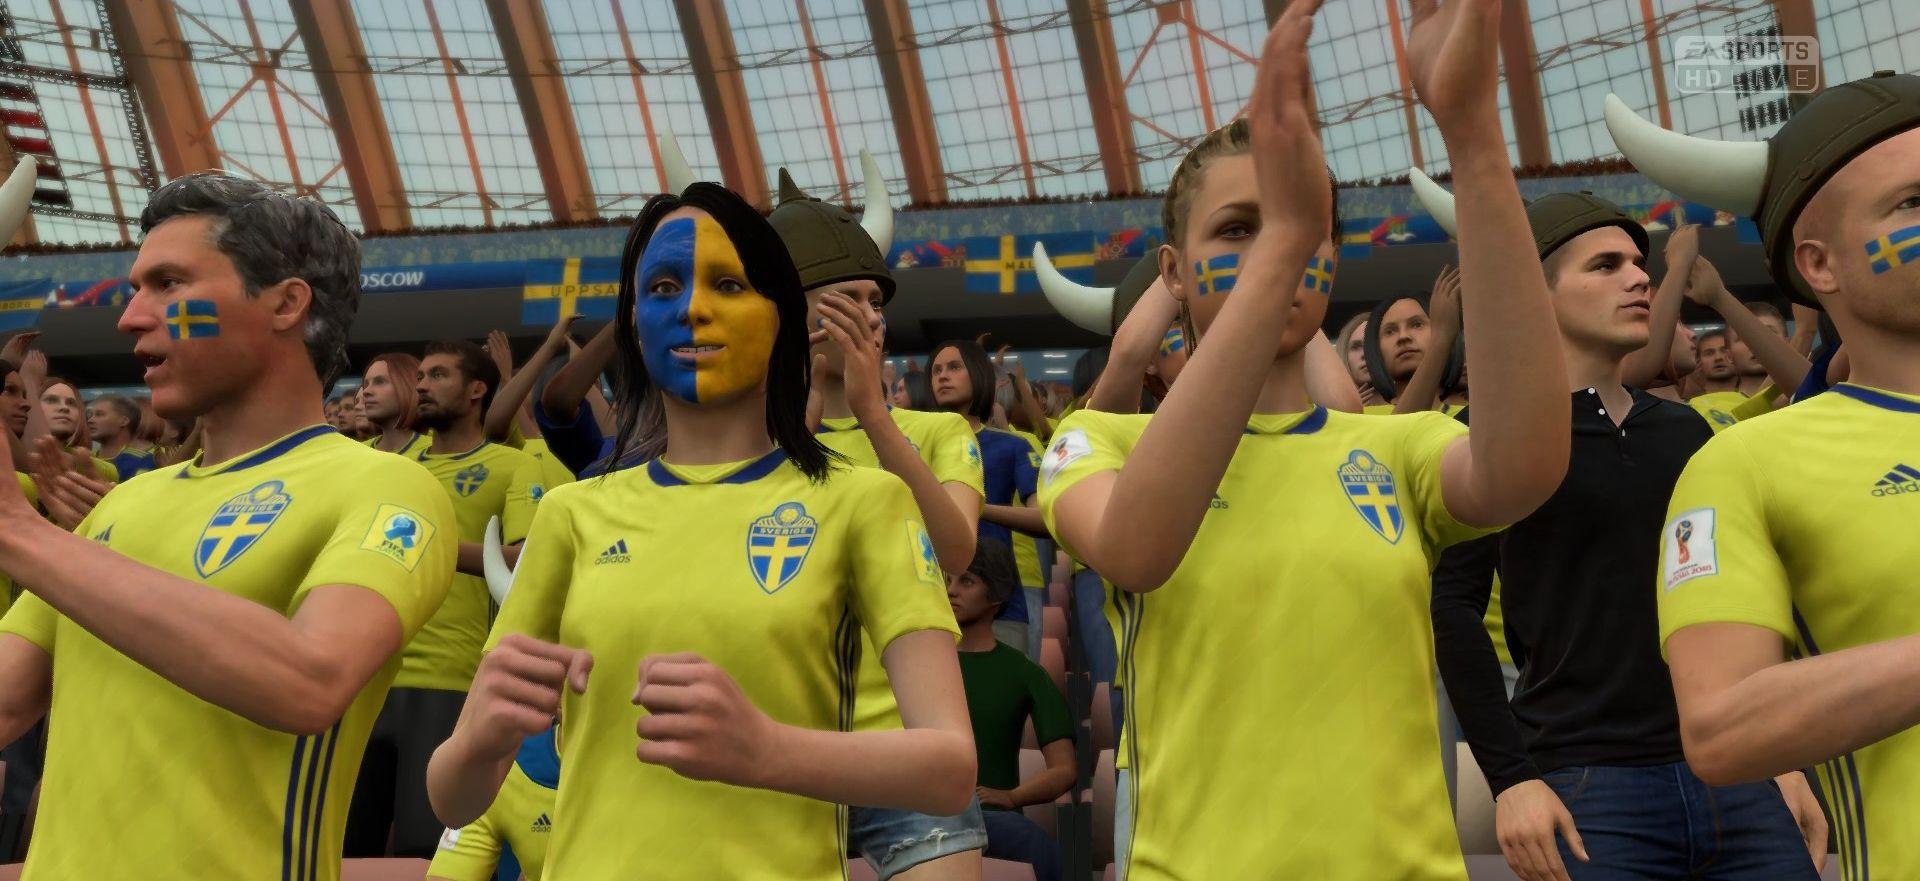 Матч Россия - Швеция, онлайн трансляция, 15 мая 2018 ...